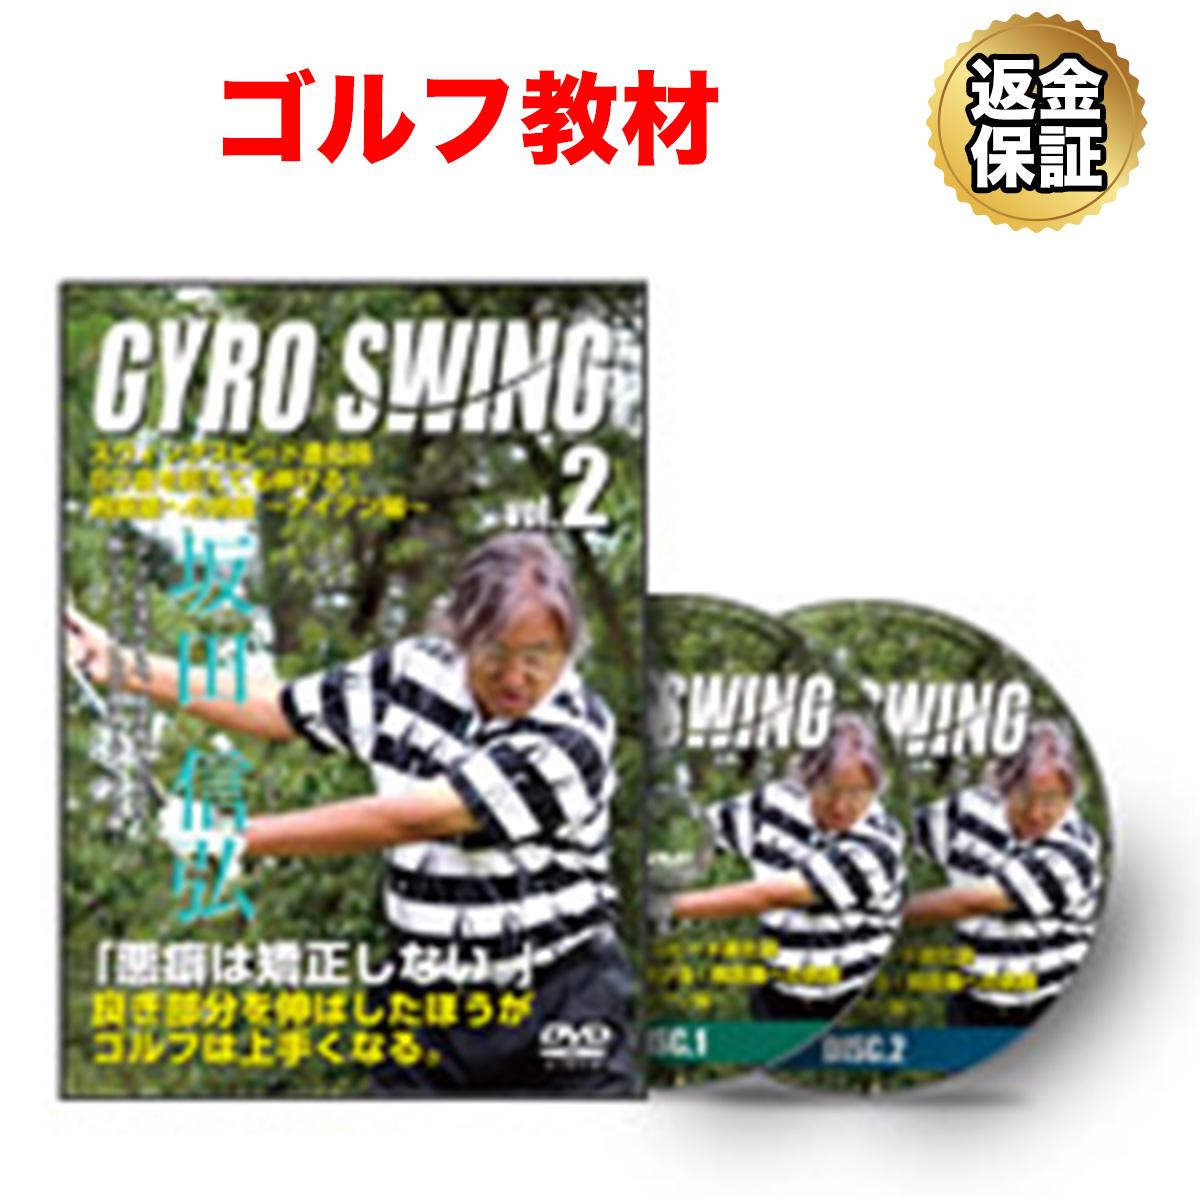 【ゴルフ】坂田 信弘 スウィングスピード進化論 50歳を超えても伸びる!飛距離への挑戦~アイアン編~